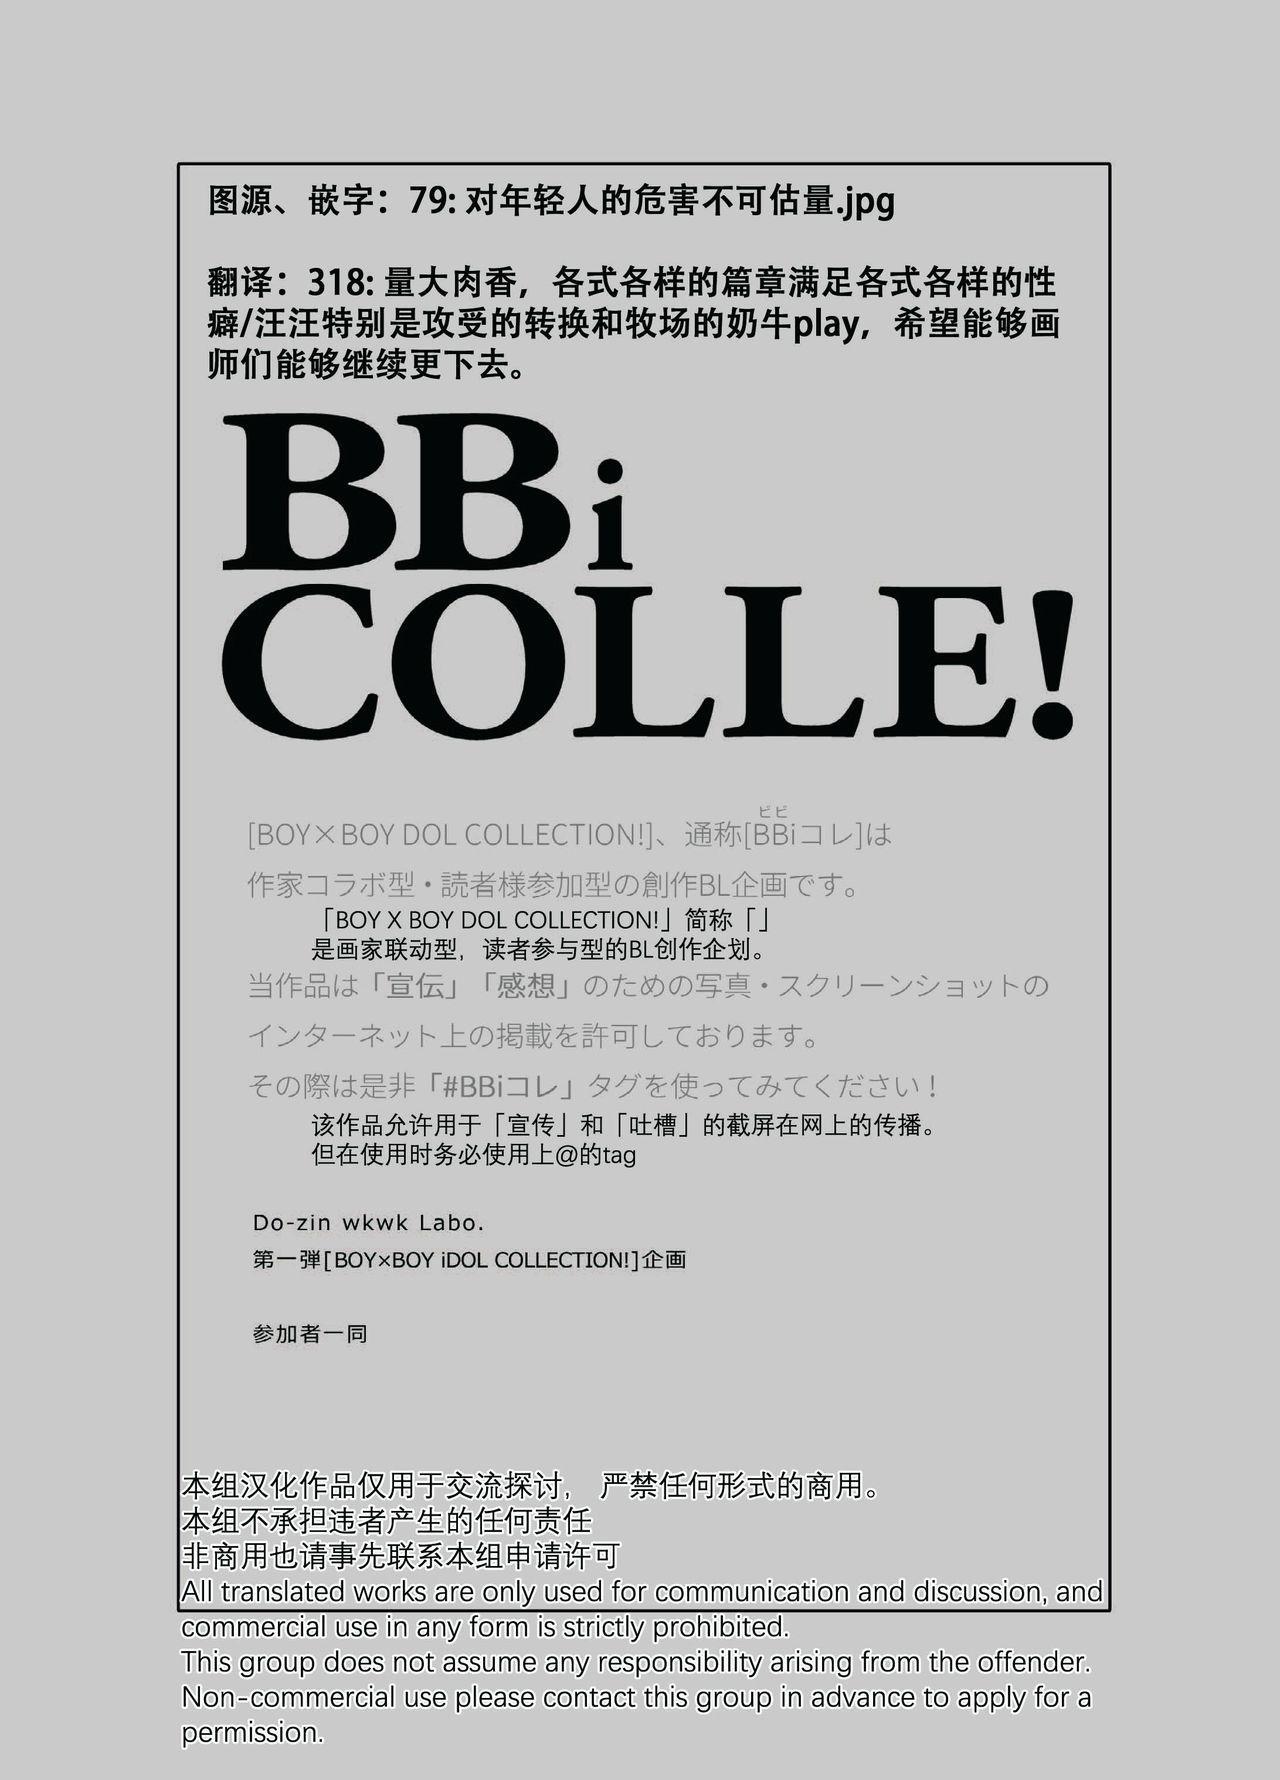 BOY x BOY IDOL COLLECTION!   男男爱豆搜罗! 9